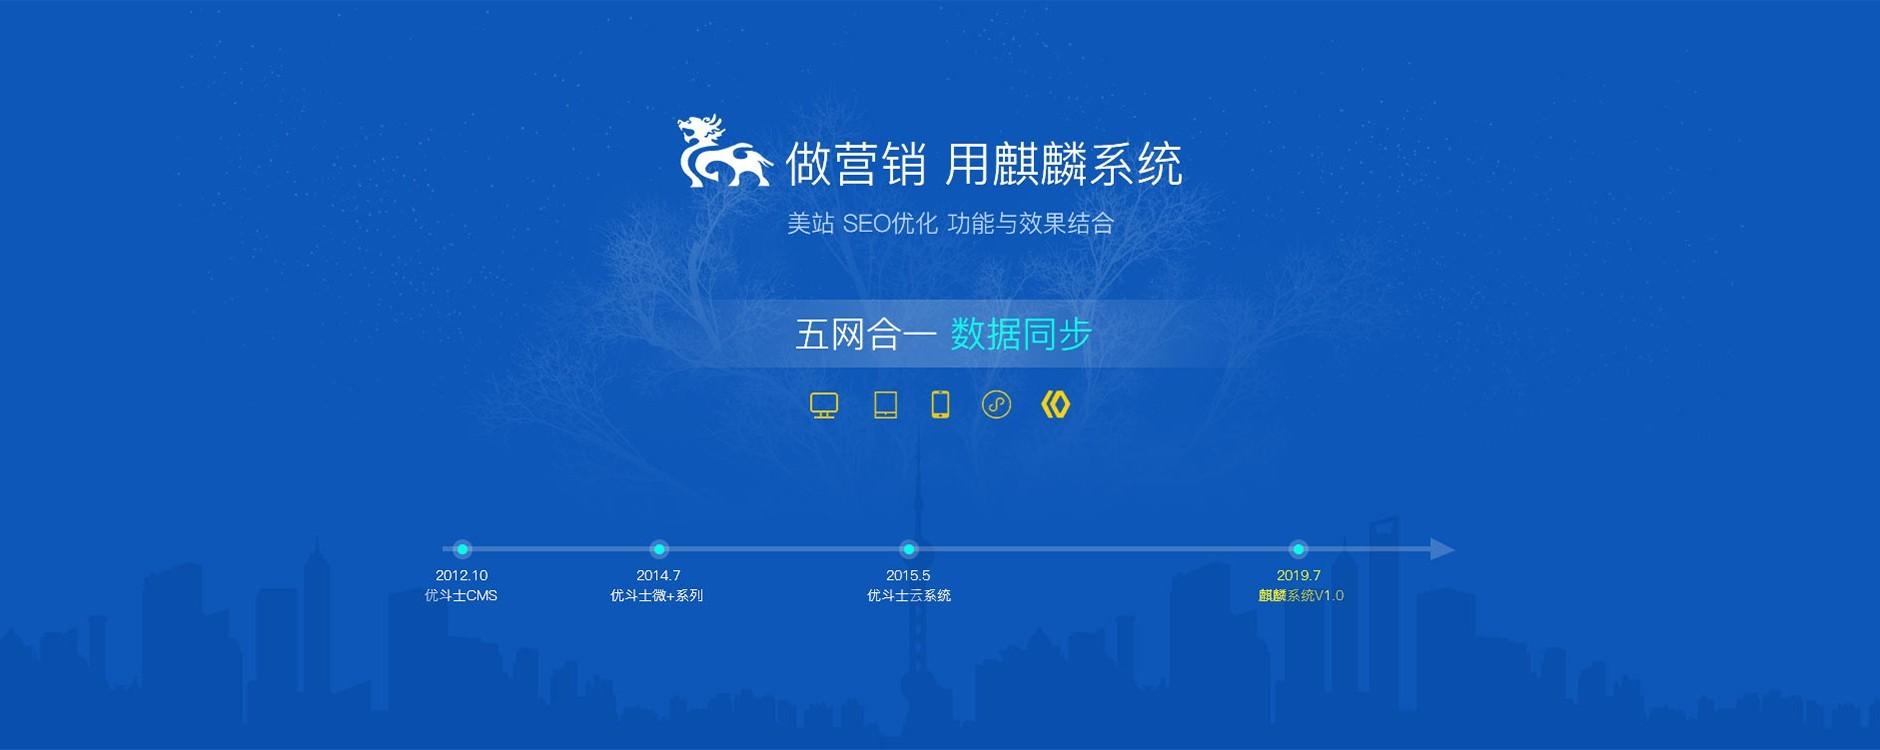 寧夏創優世紀文化傳媒有限公司